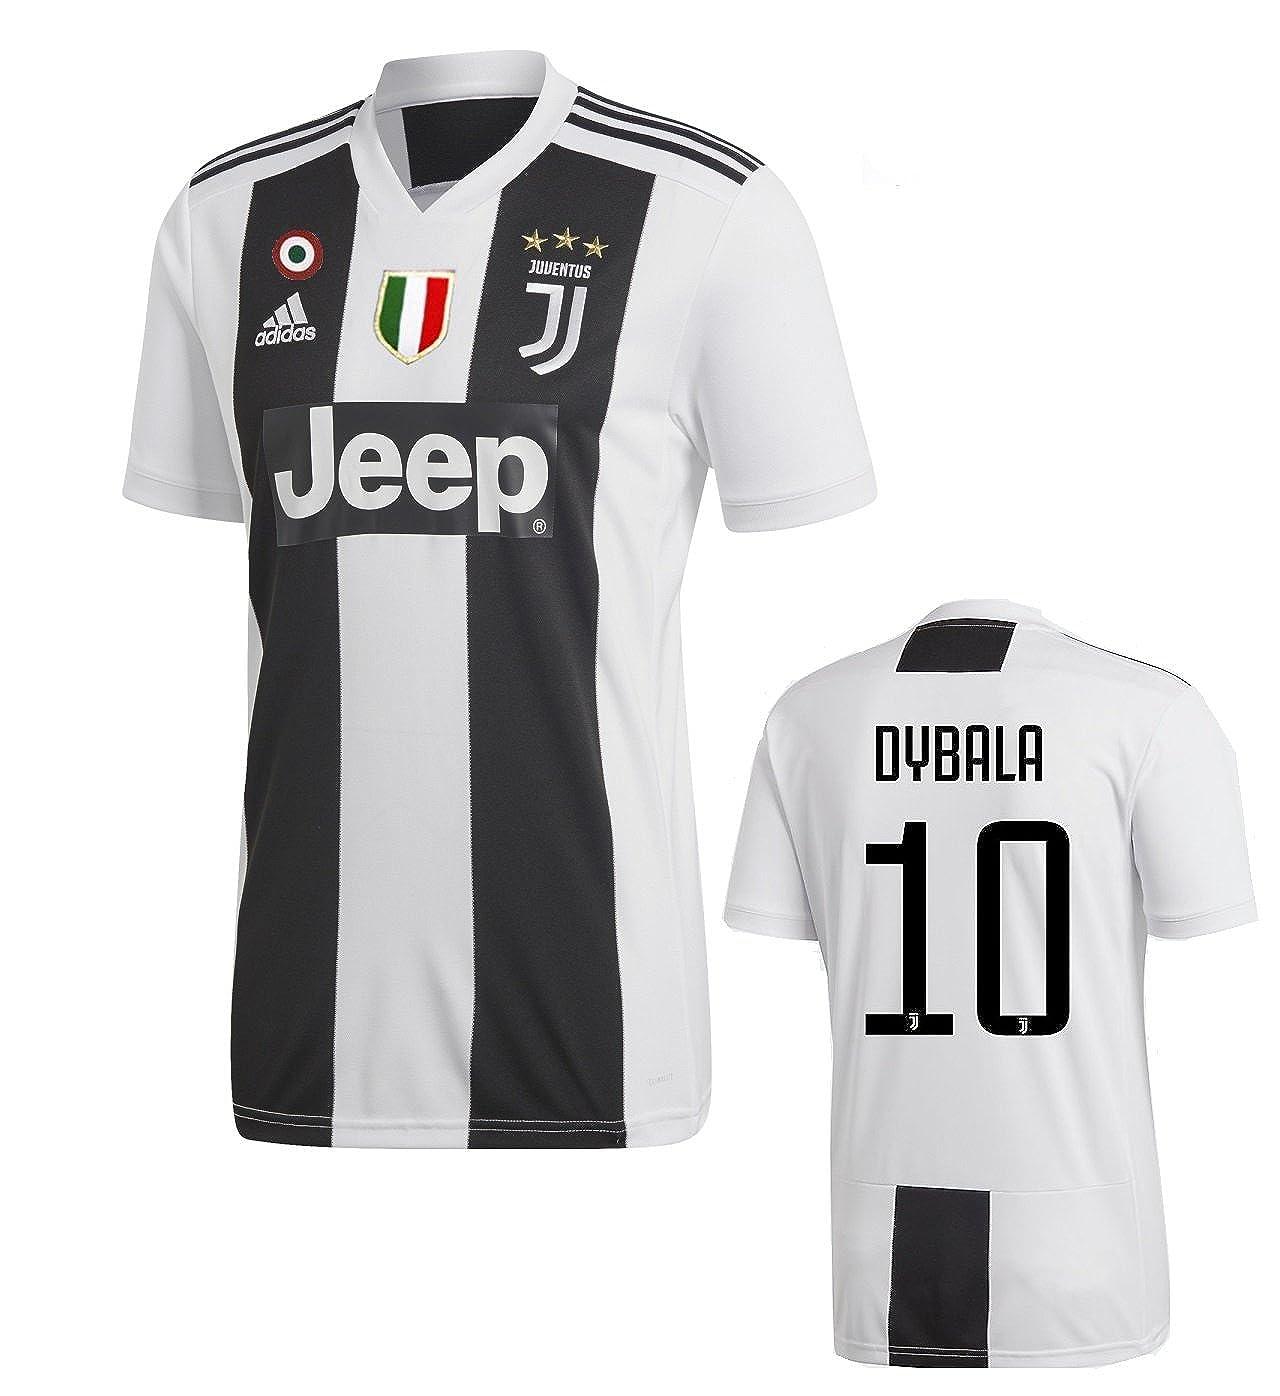 Juventus Adidas Dybala Home Jersey 2018-2019 Adult and Junior